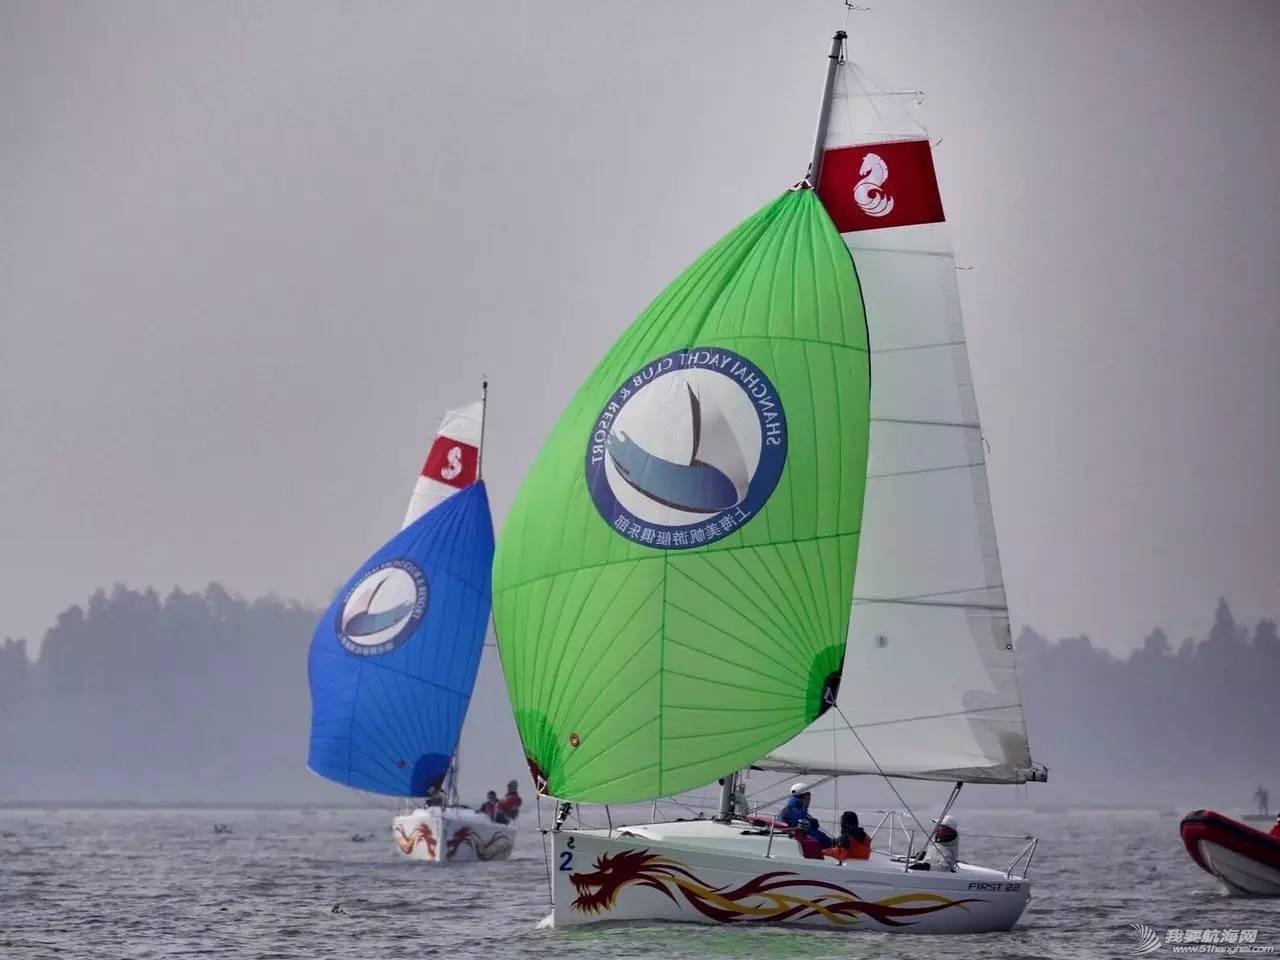 上海美帆SBYC2016龙骨船月赛第一季(3月12号) 竞赛通知 172eadc76c3f2819f588cc68b8998dcd.jpg